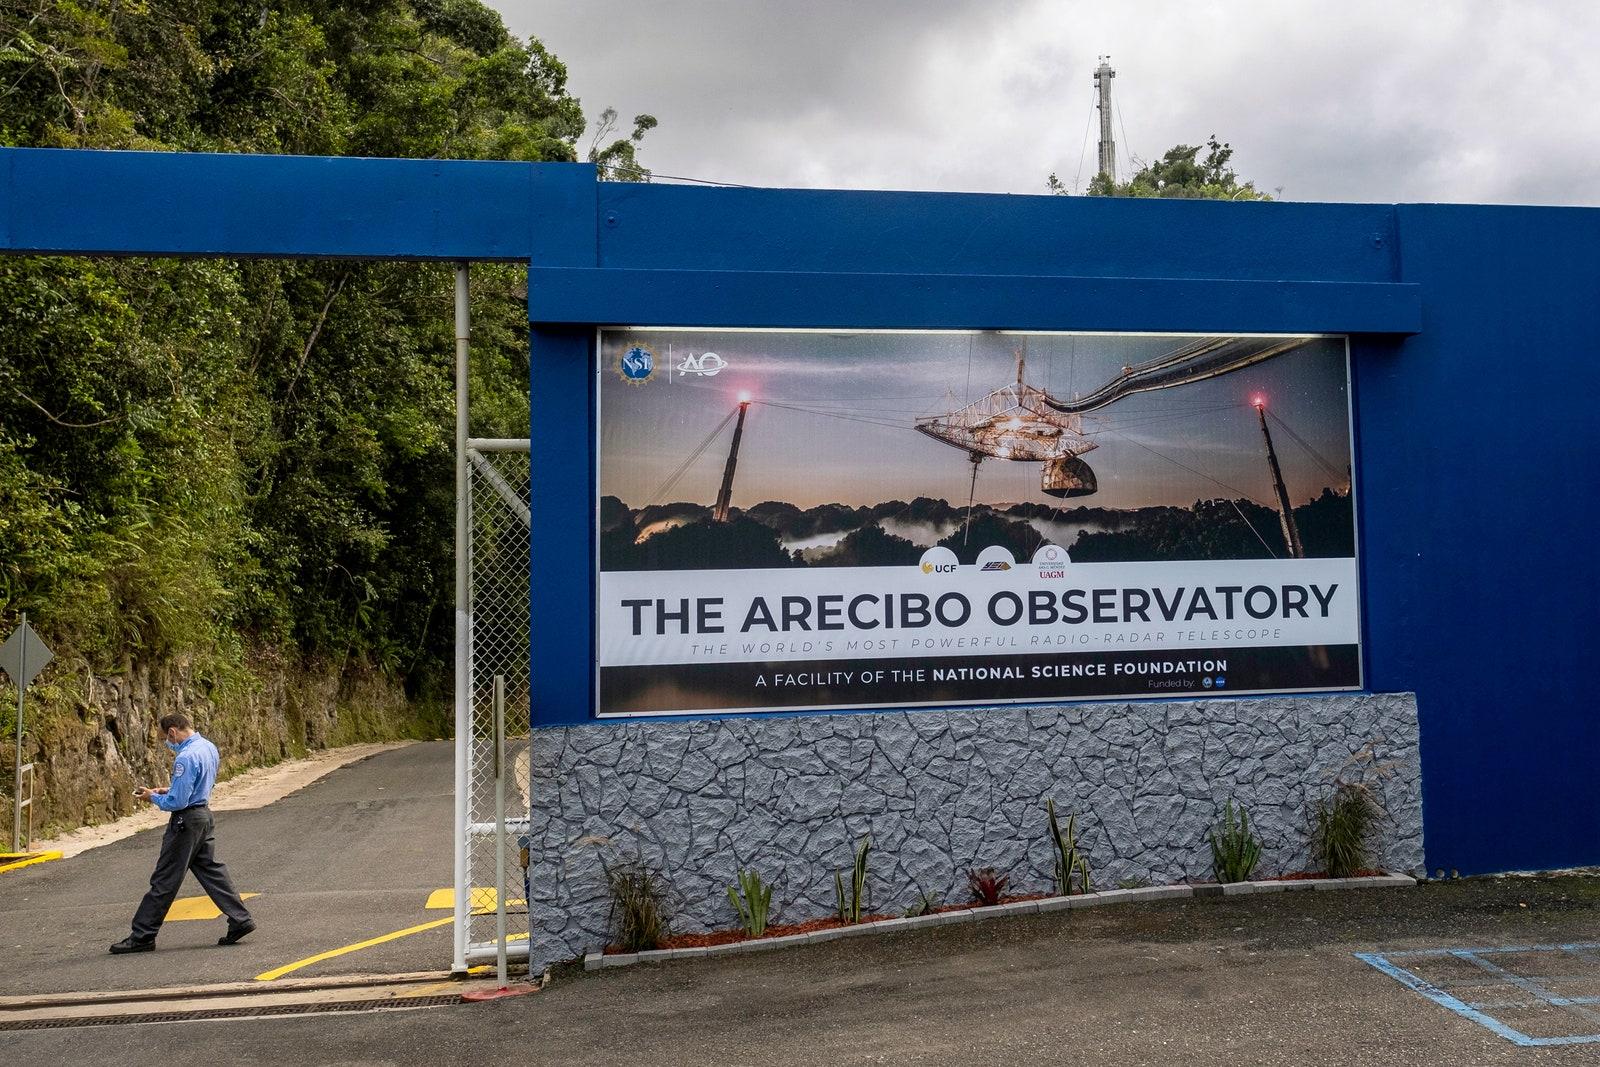 Обсерватория Аресибо была для меня всем. Но я не смог спасти ее - 3